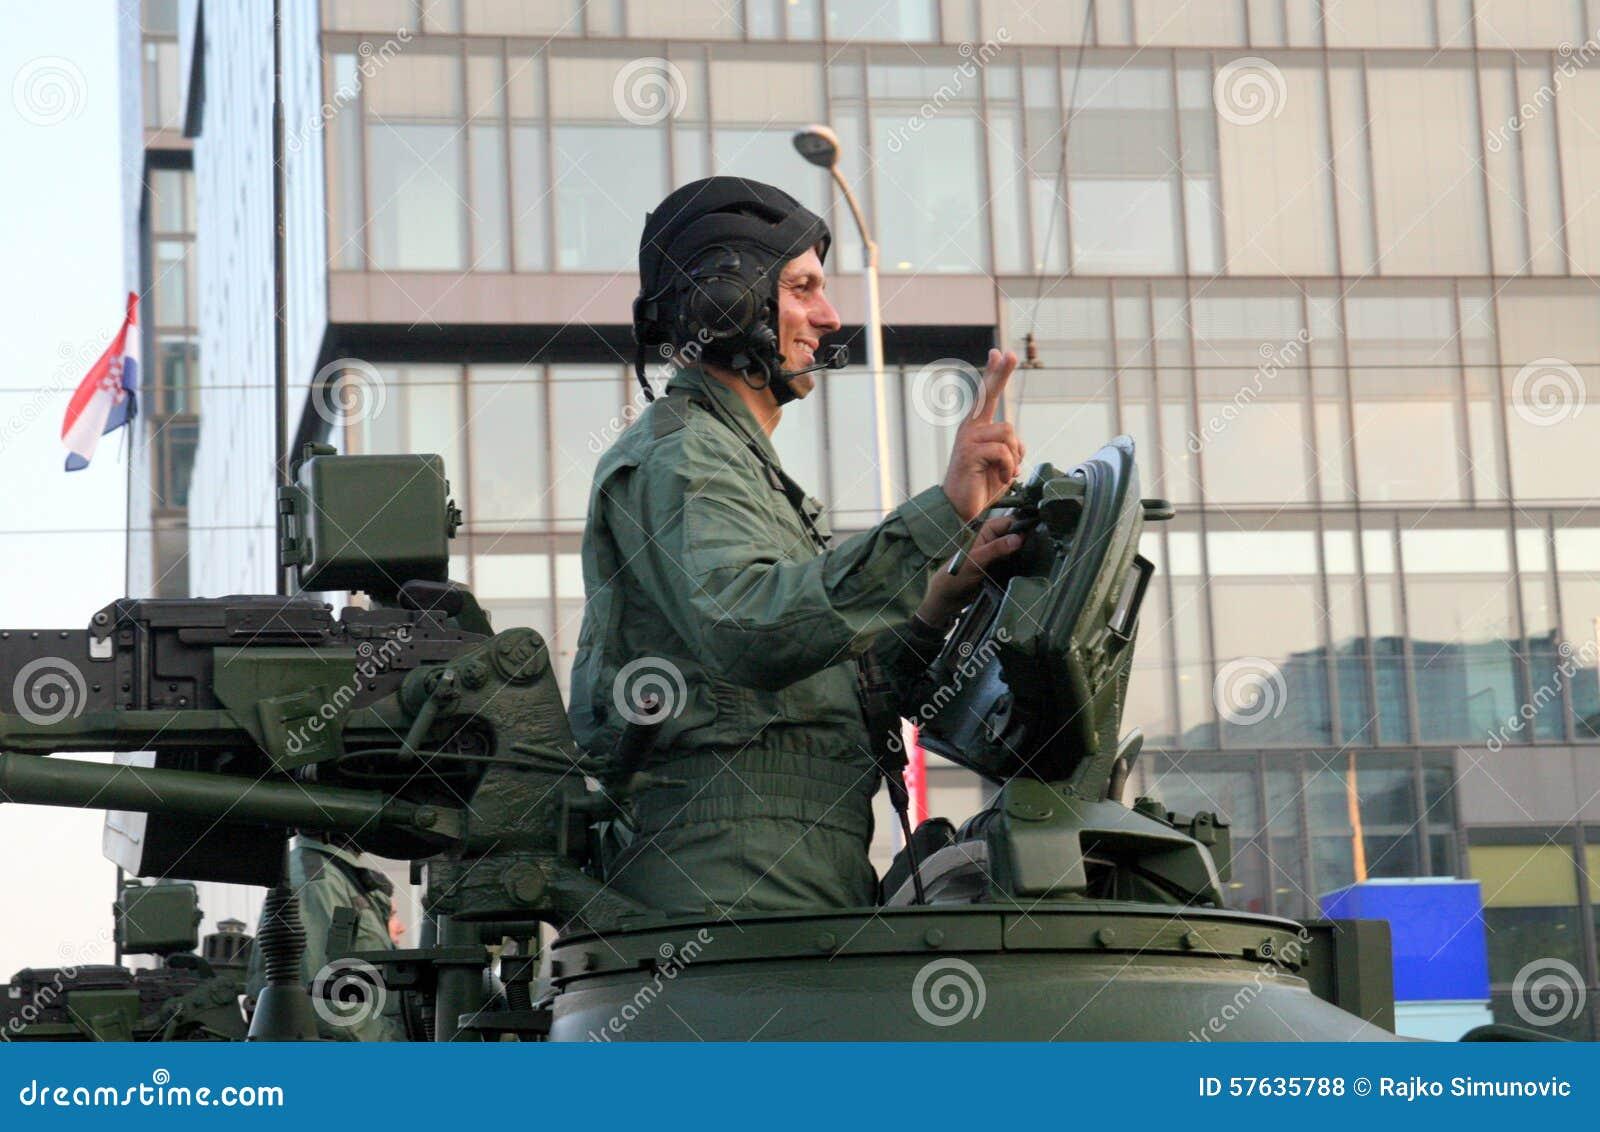 Croatian military parade, Zagreb 2015.